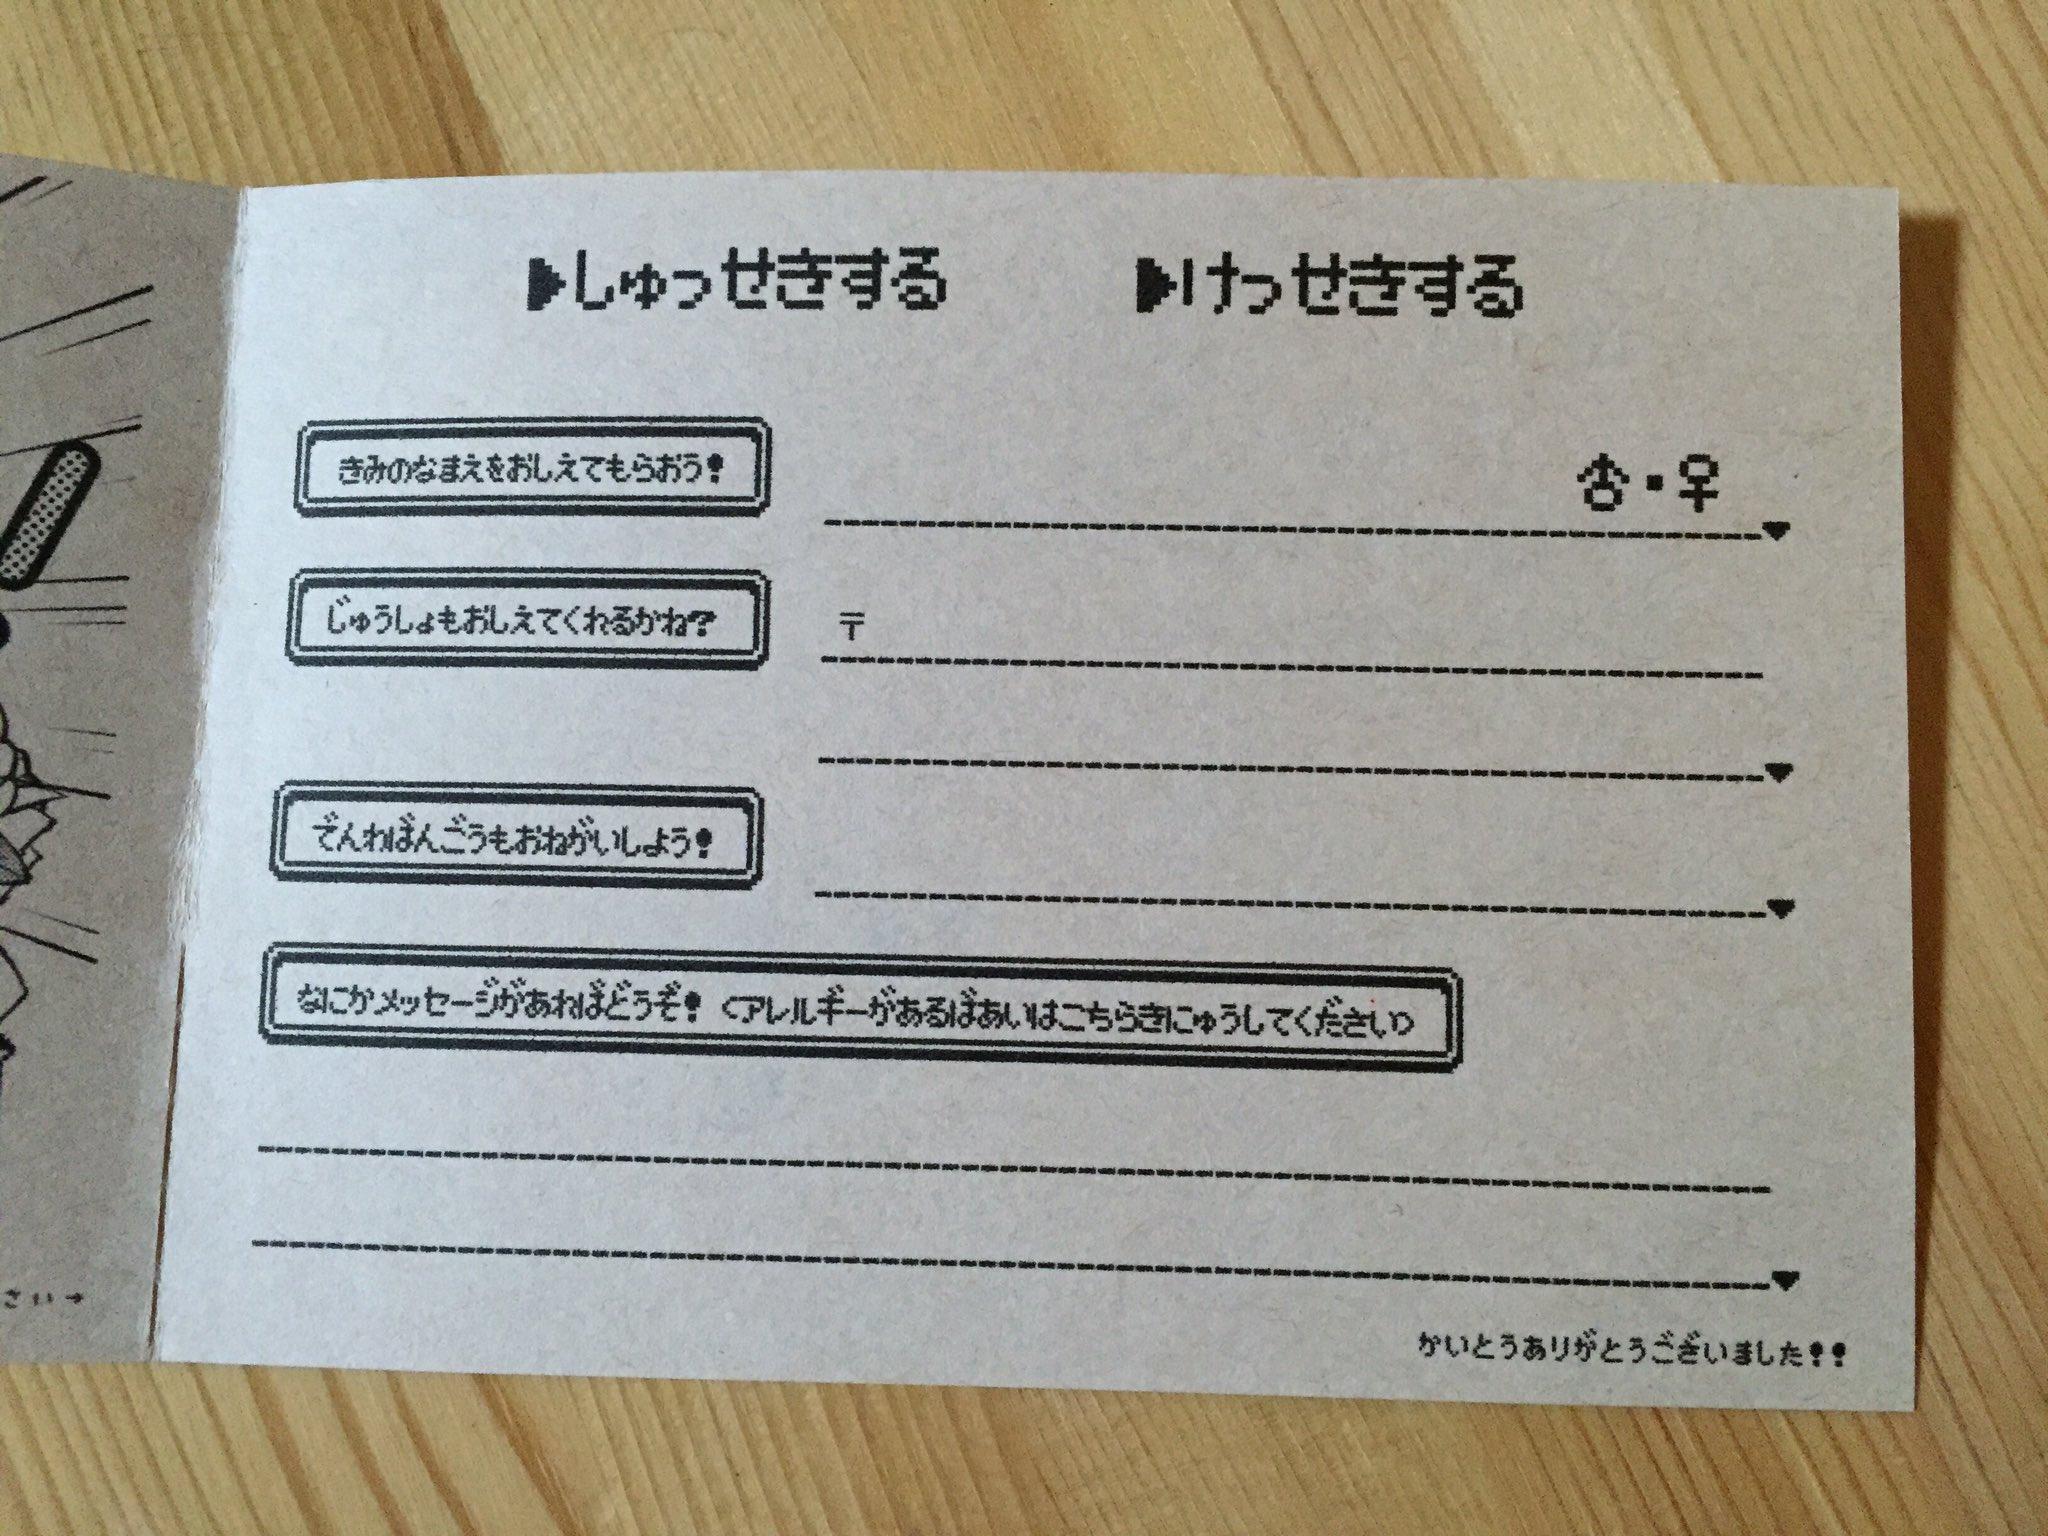 ポケモン風の結婚式招待状が届いたらテンションあがるよねww